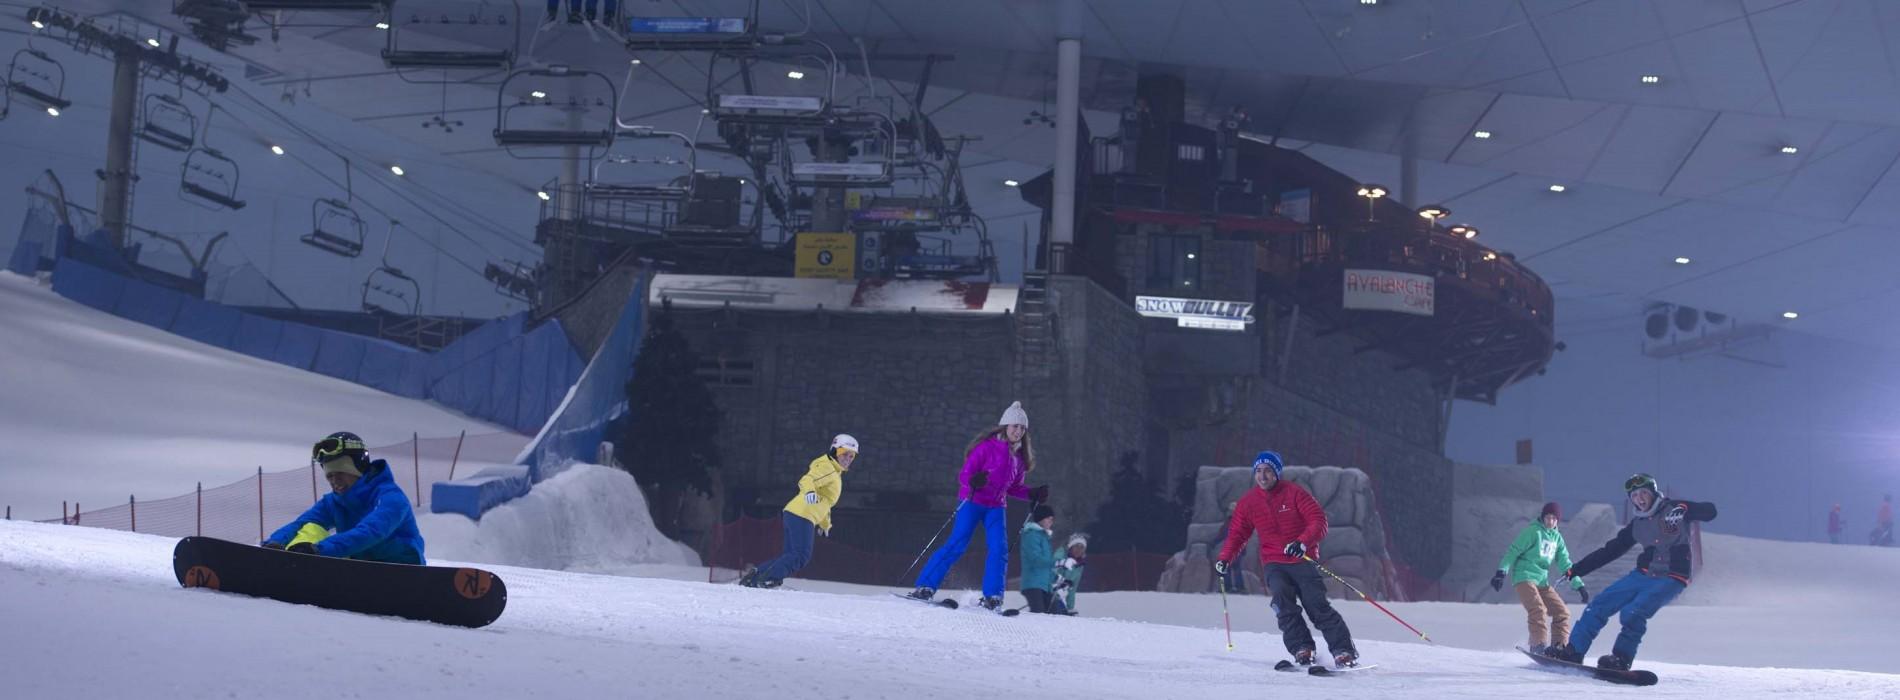 Down through the Snow at Ski Dubai